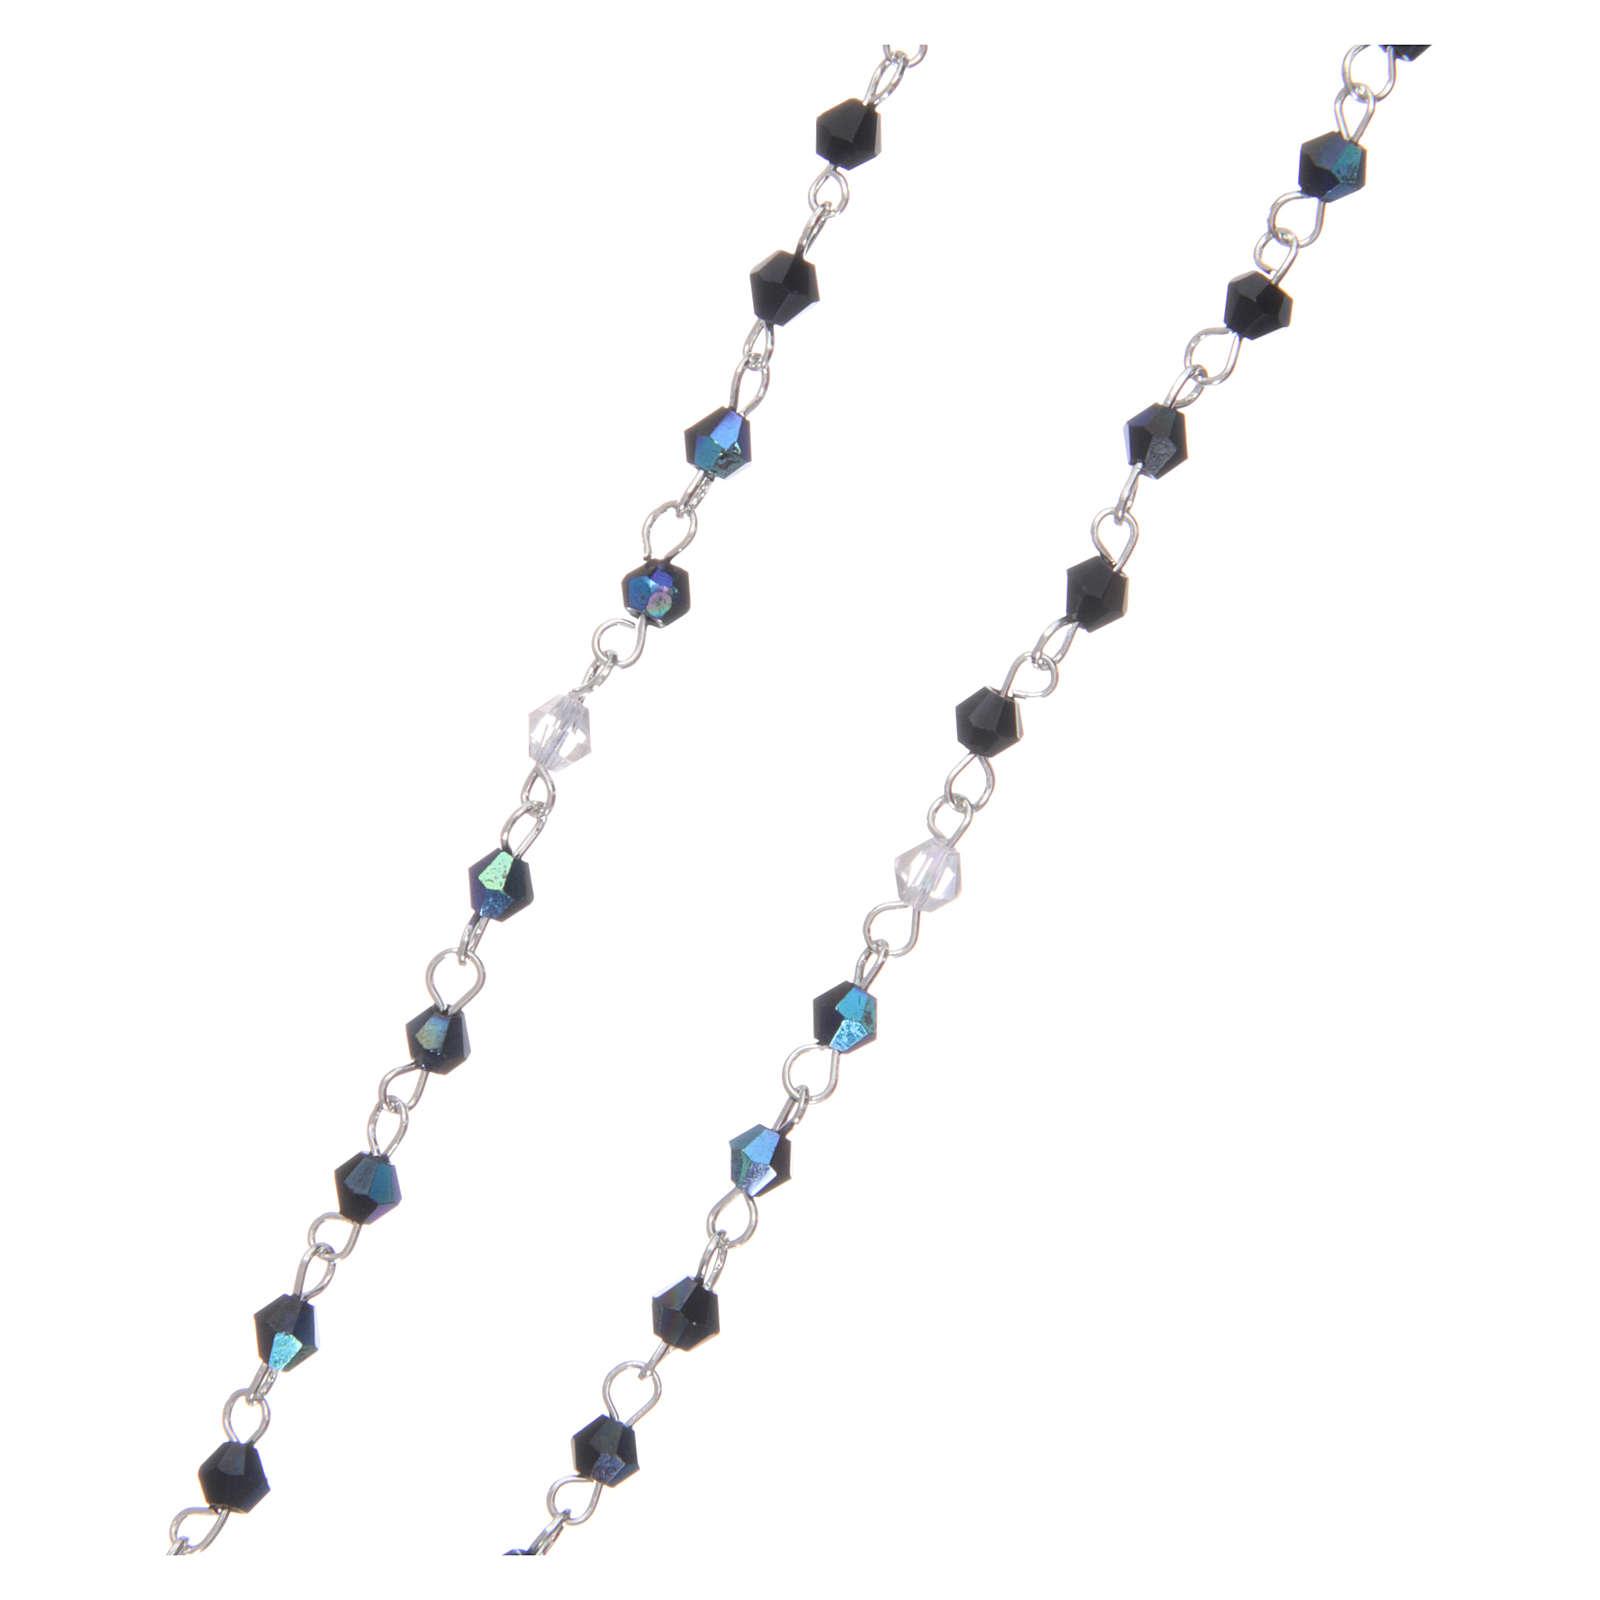 Rosario a collana mezzo cristallo grani sfaccettati 1 mm Nero iridescente 4